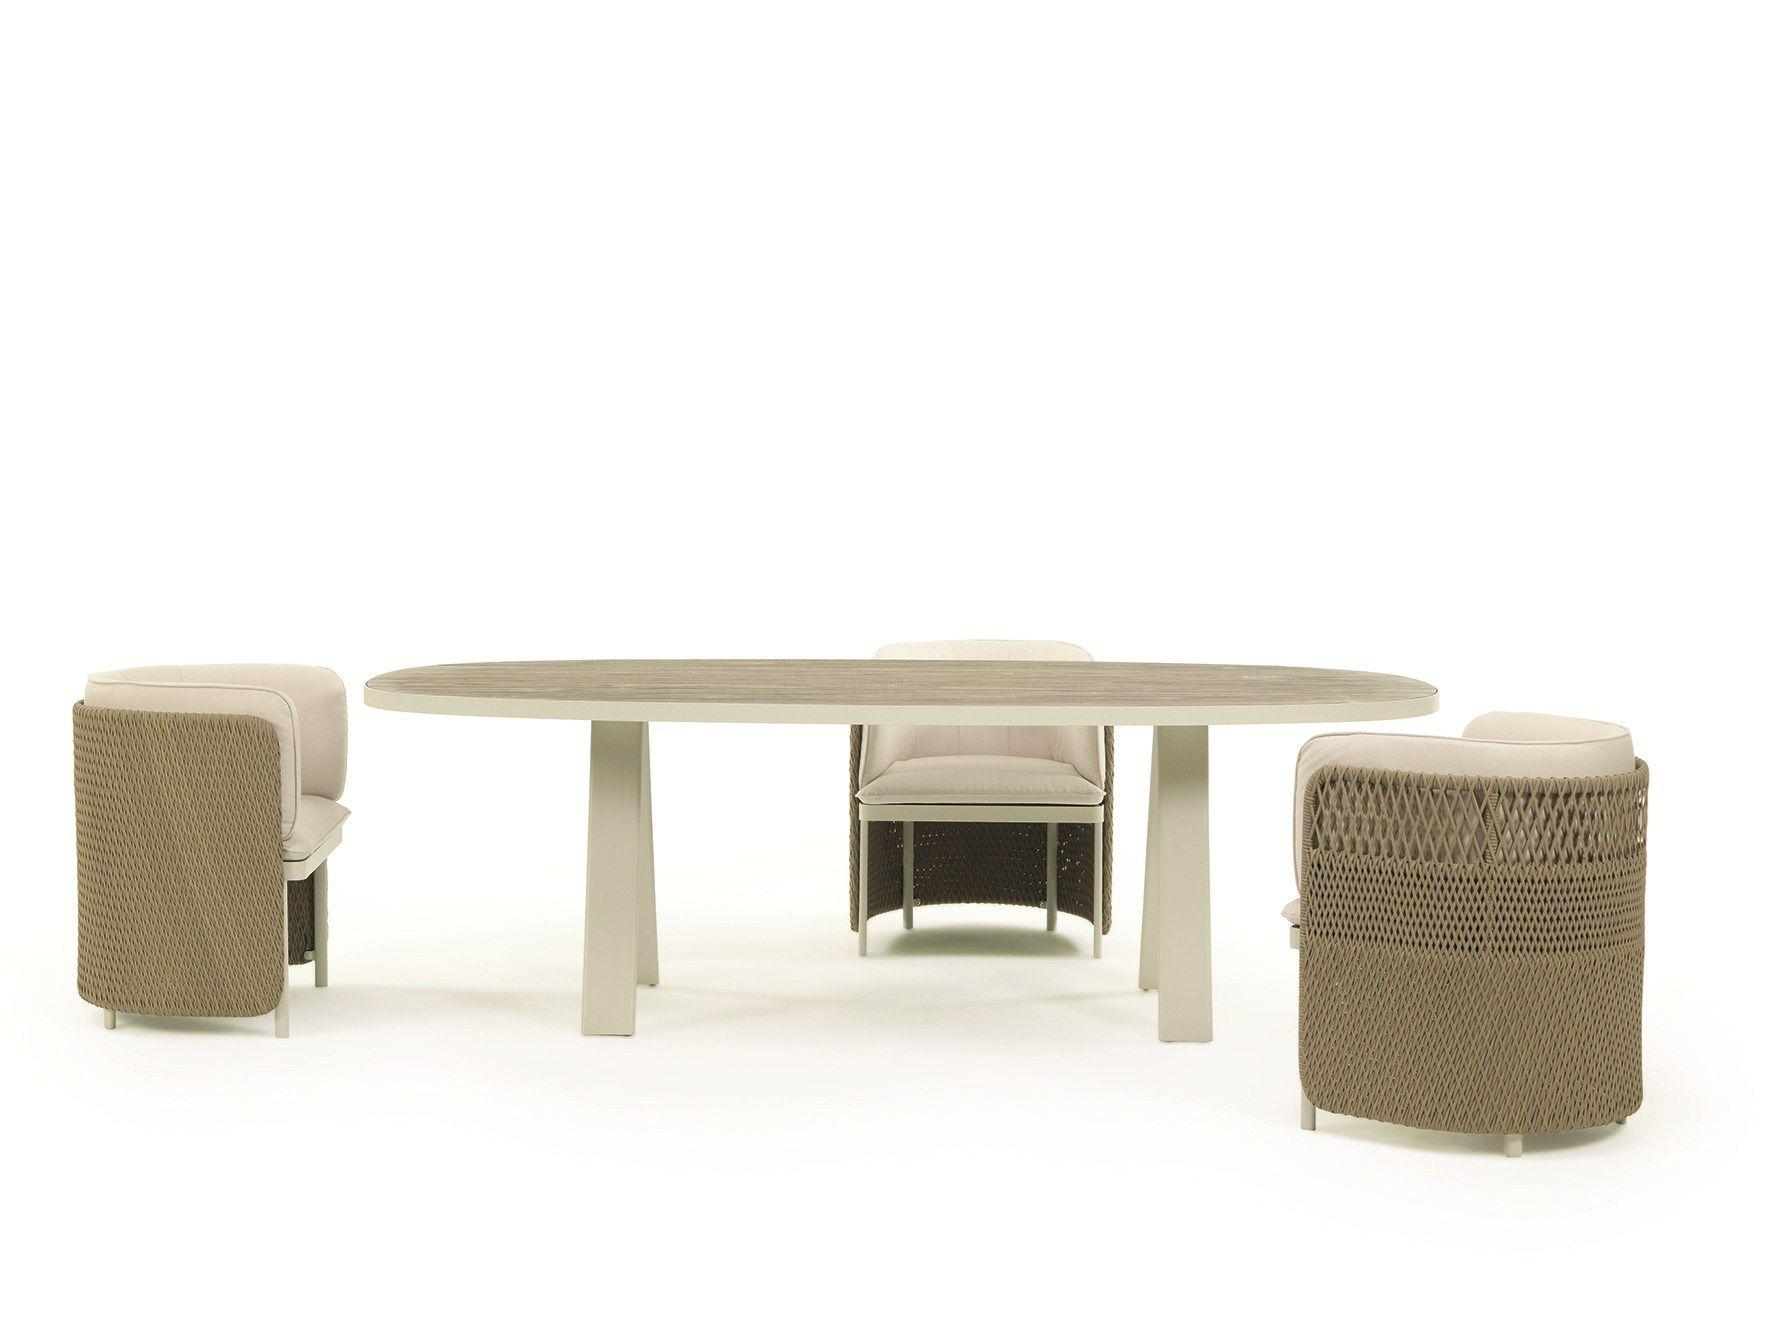 Lampade Da Tavolo Esedra : Esedra tavolo da giardino by ethimo design luca nichetto